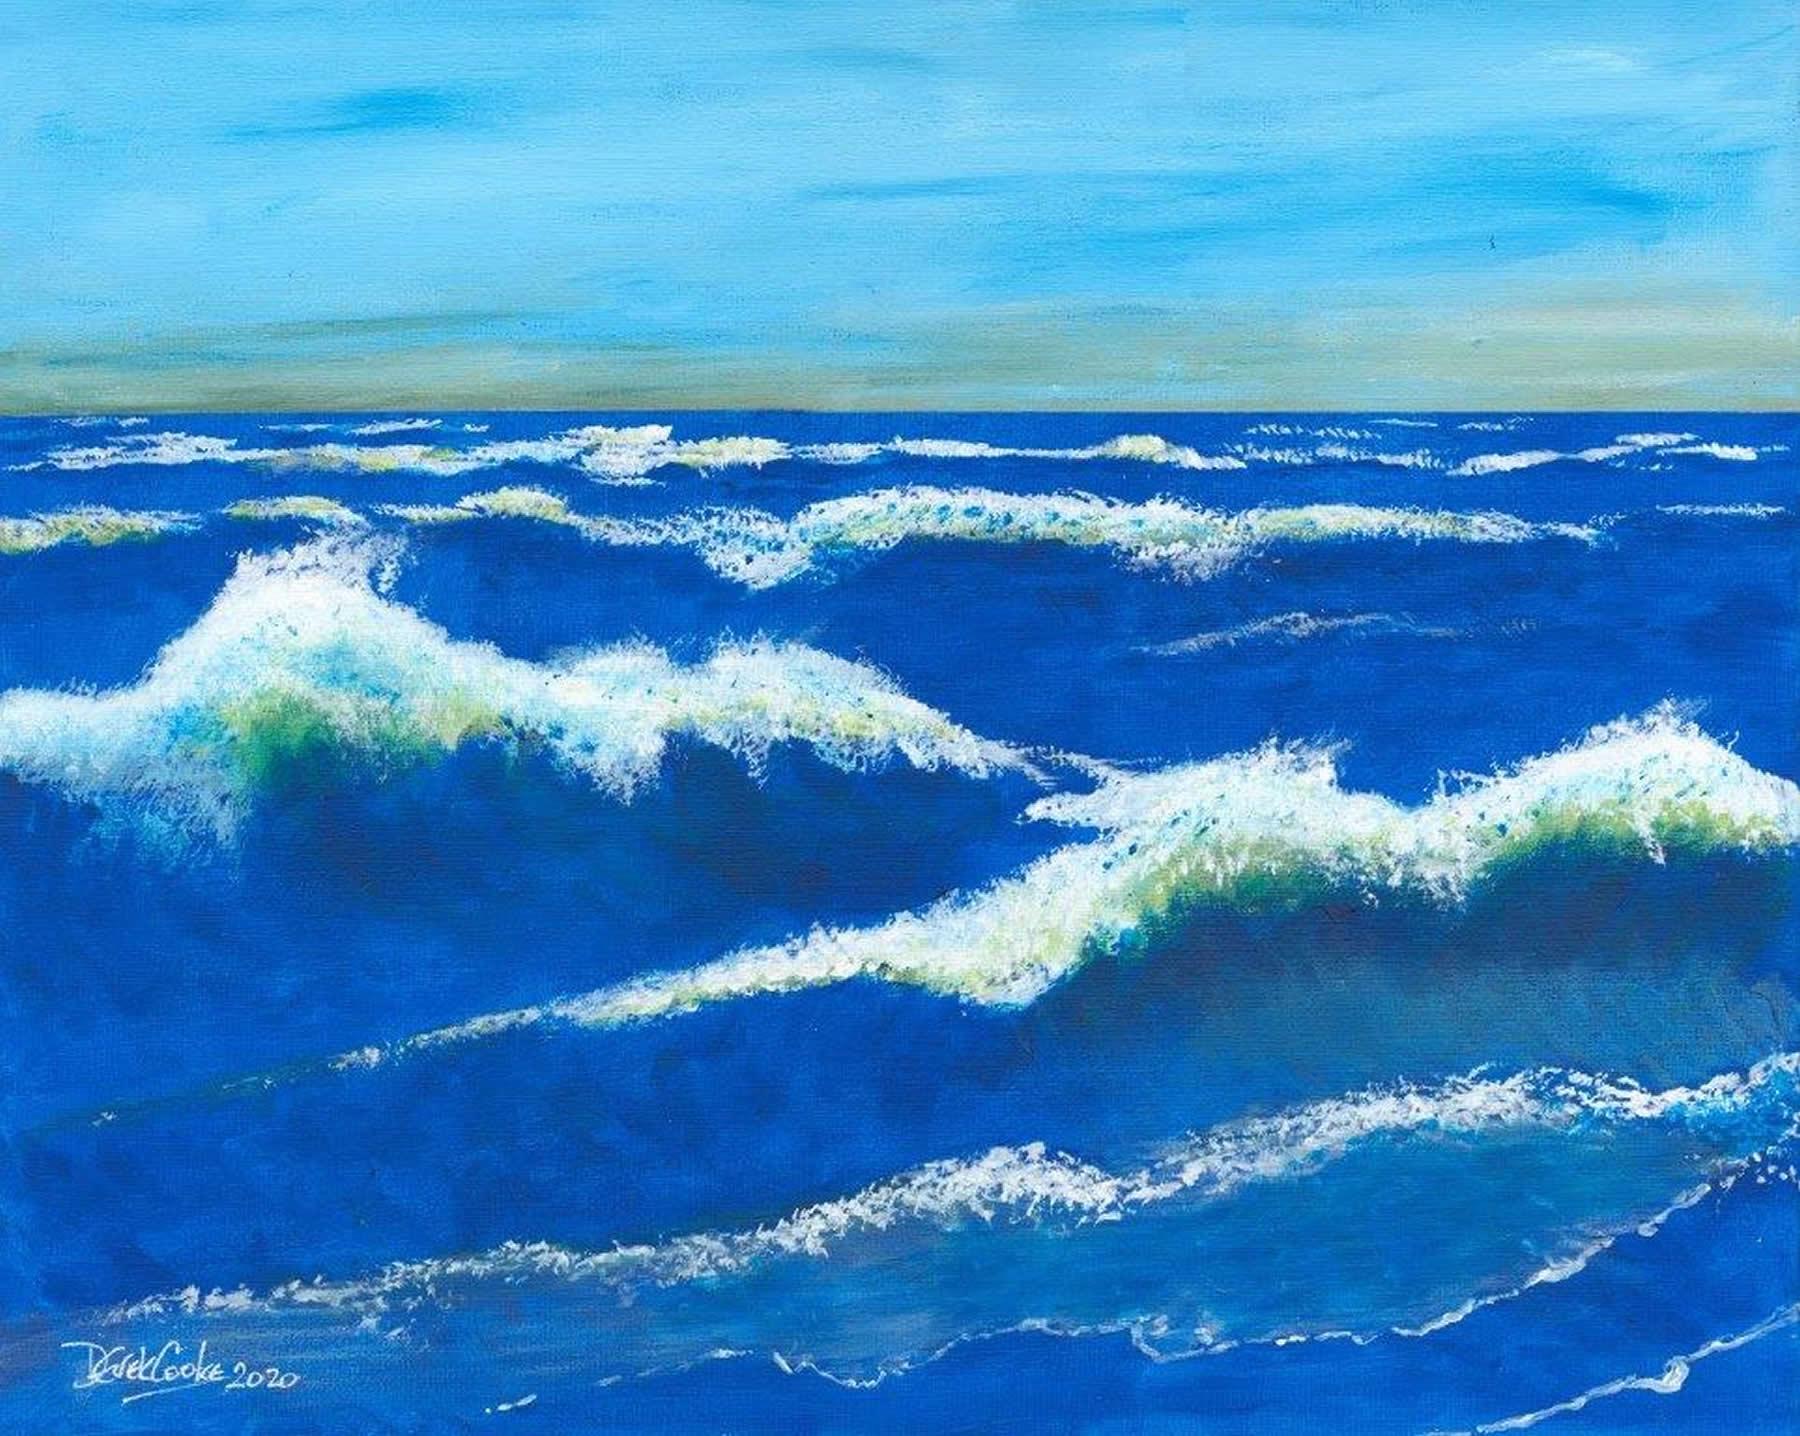 Art Prints - Sea Waves